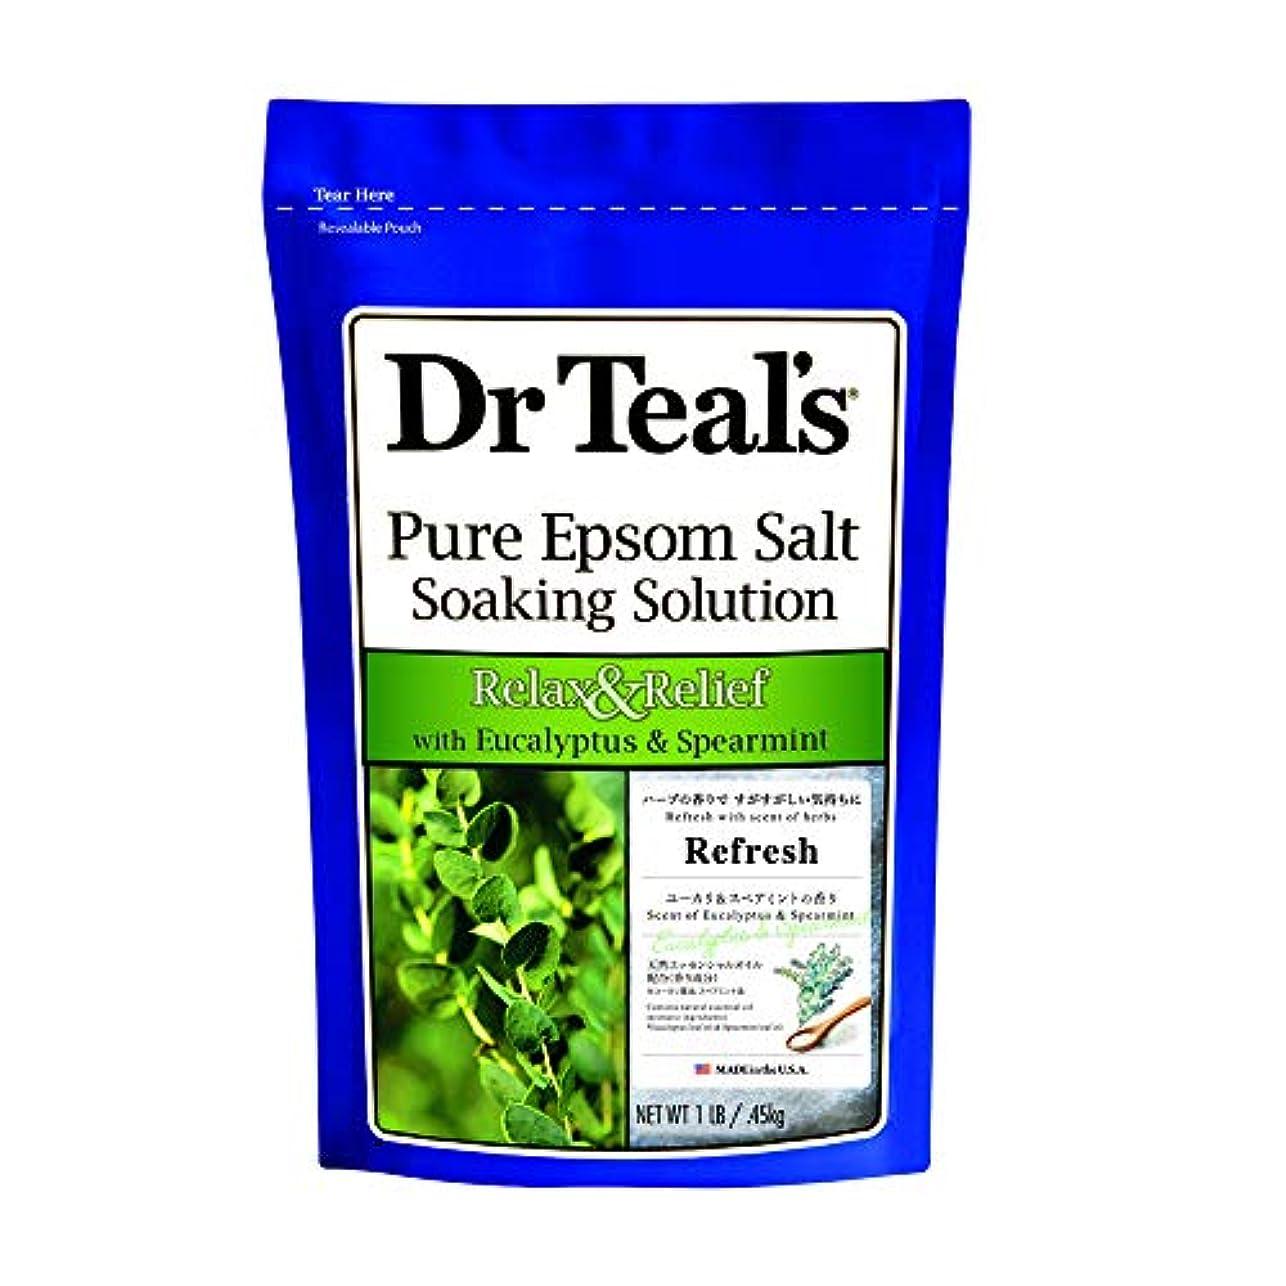 残酷なスタウト泥棒Dr Teal's(ティールズ) フレグランスエプソムソルト ユーカリ&スペアミント 入浴剤 453g